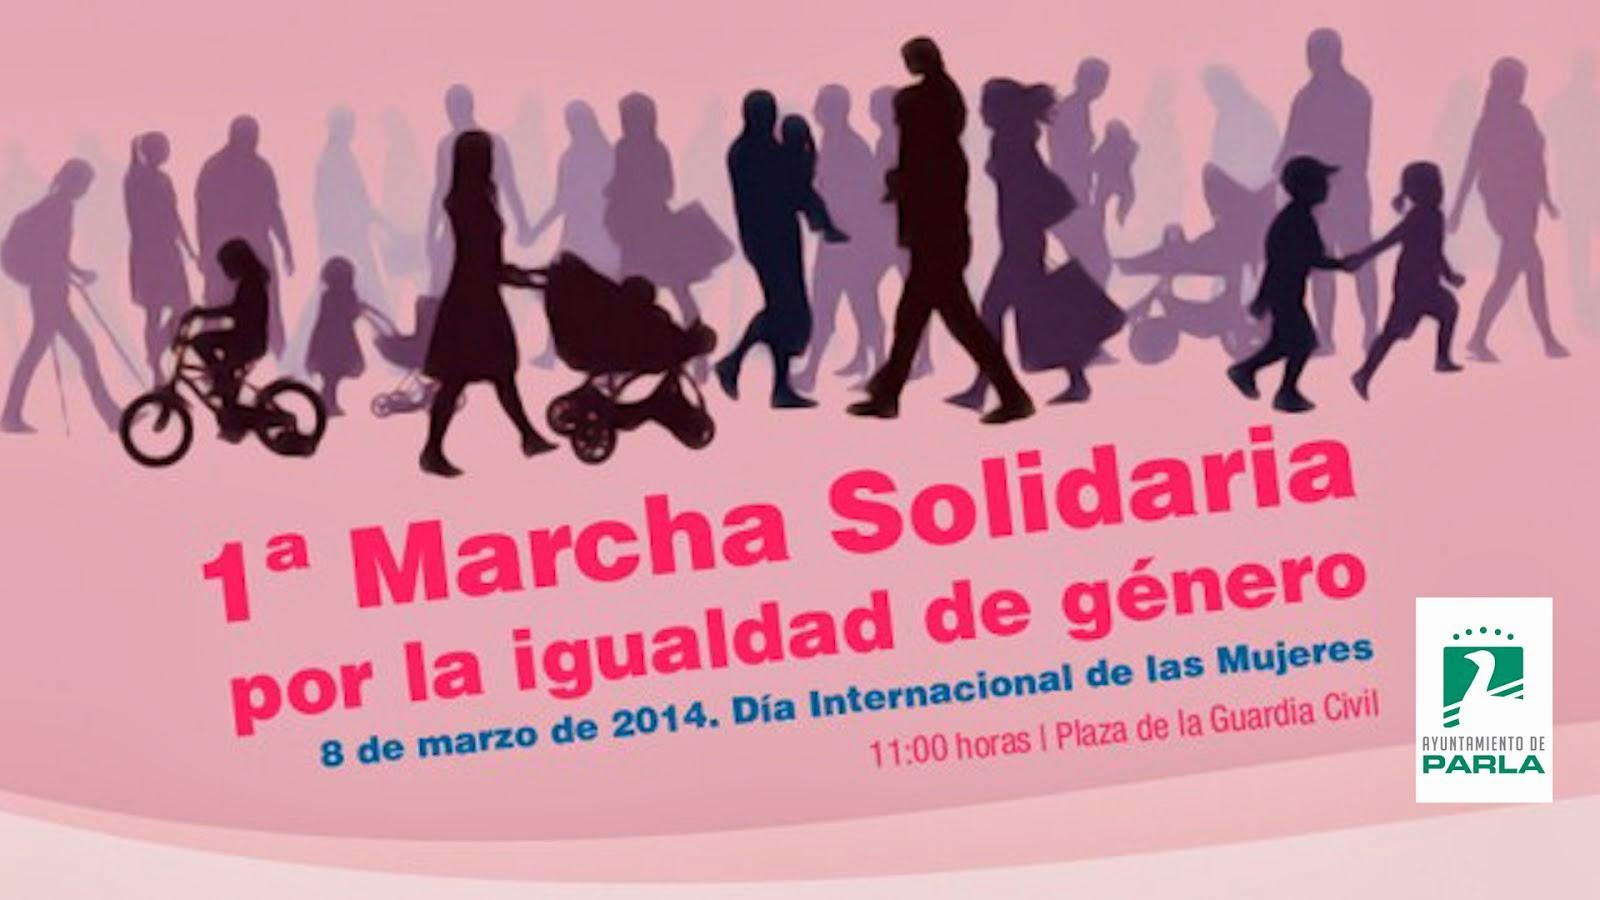 1º MARCHA SOLIDARIA POR LA IGUALDAD DE GENERO